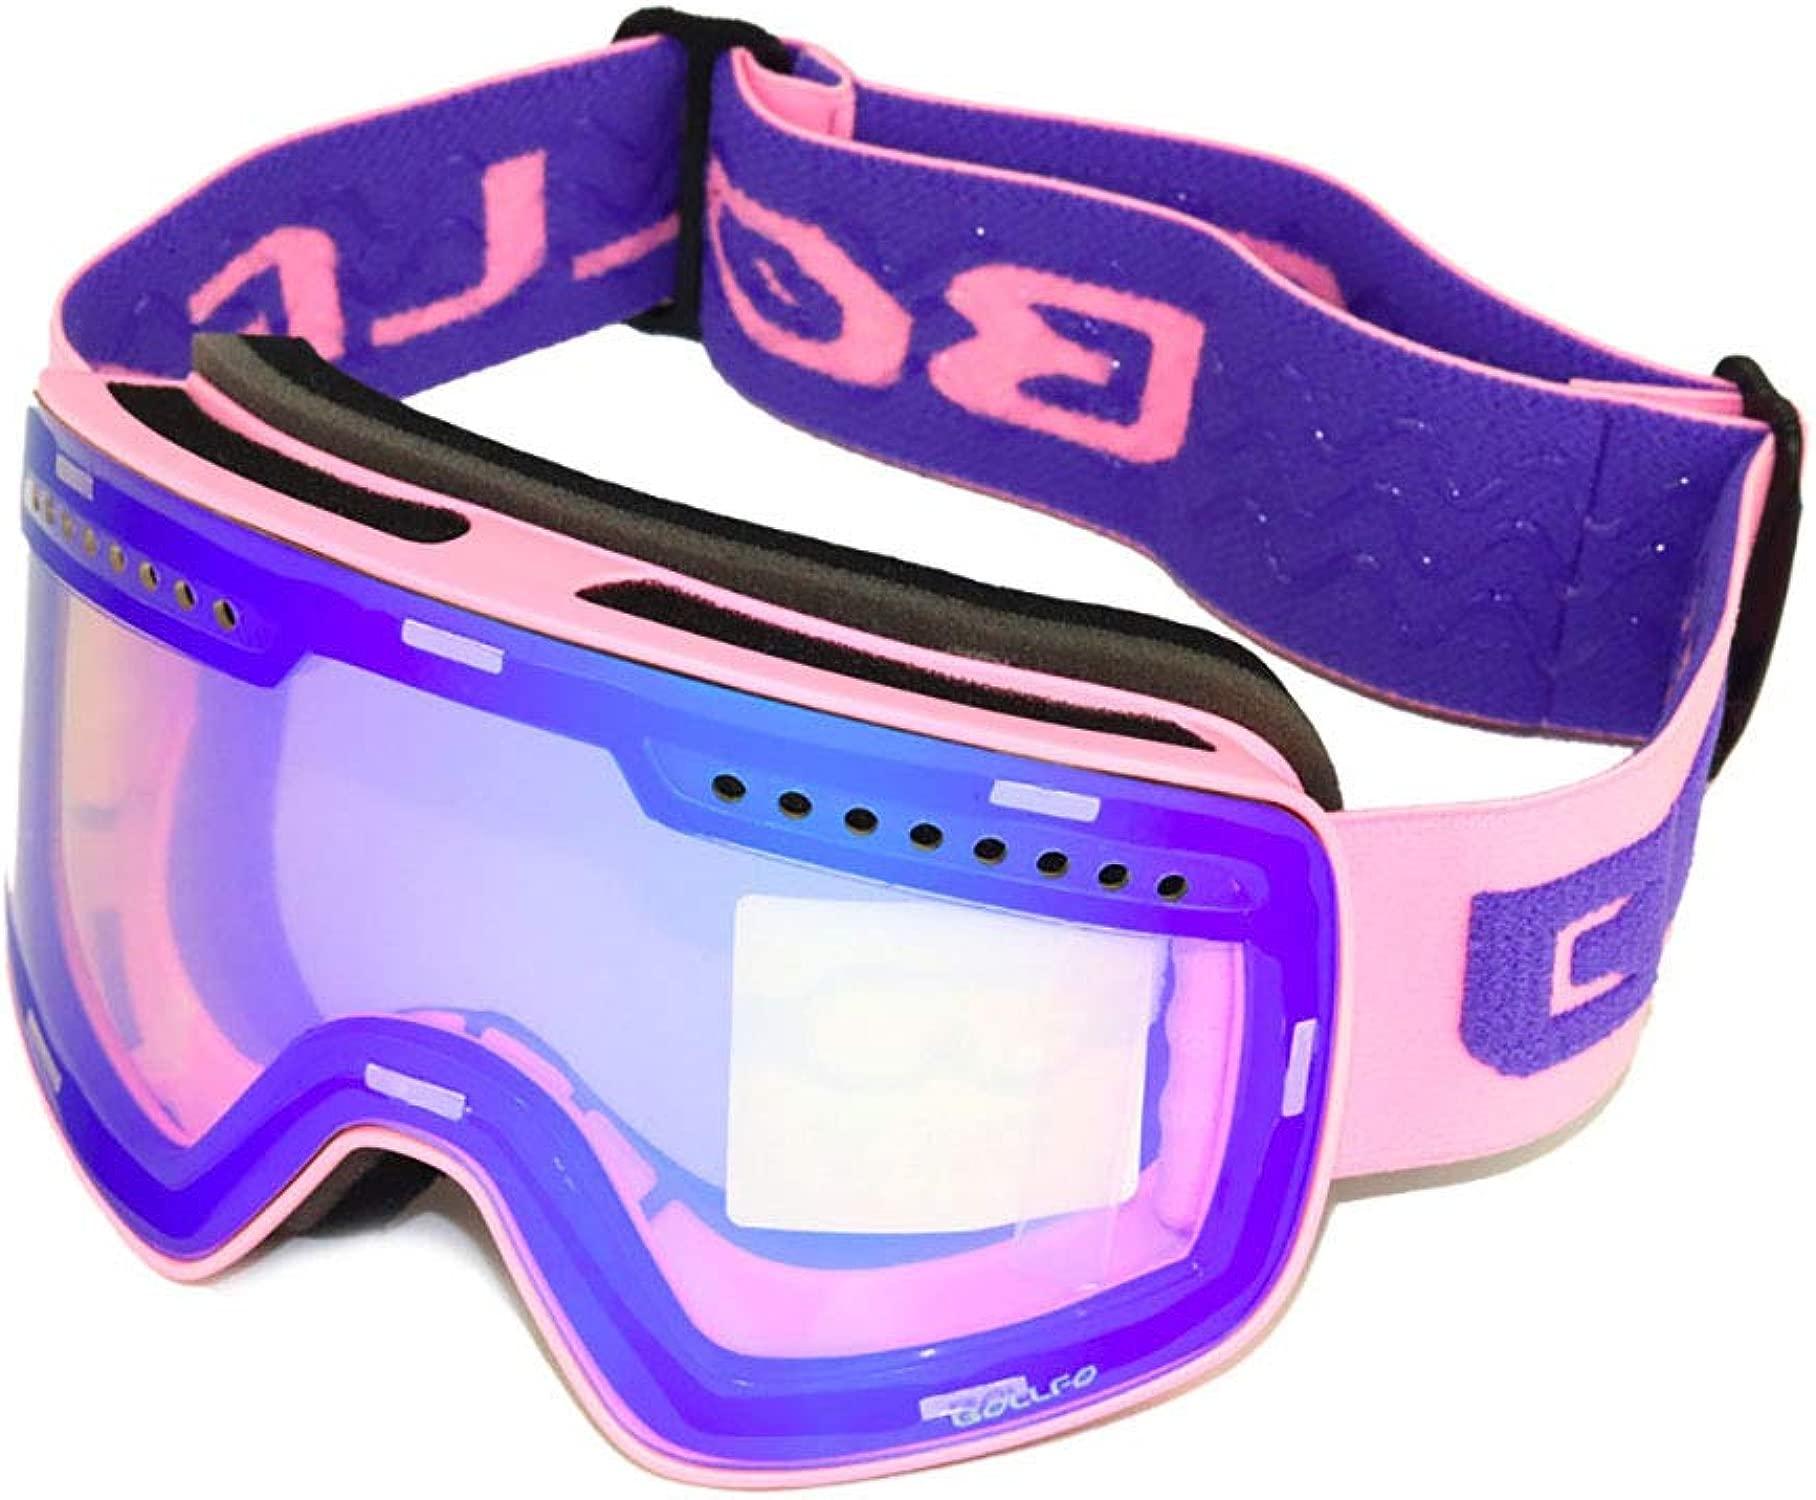 ZAJY Skibrille Für männer Frauen, UV-Schutz Und Anti-Fog-Snowboard-Brille Mit Doppel-Objektiv Schnelle Objektiv-Wechsel-System Biegsamer Rahmen Für Ski-Motorschlitten